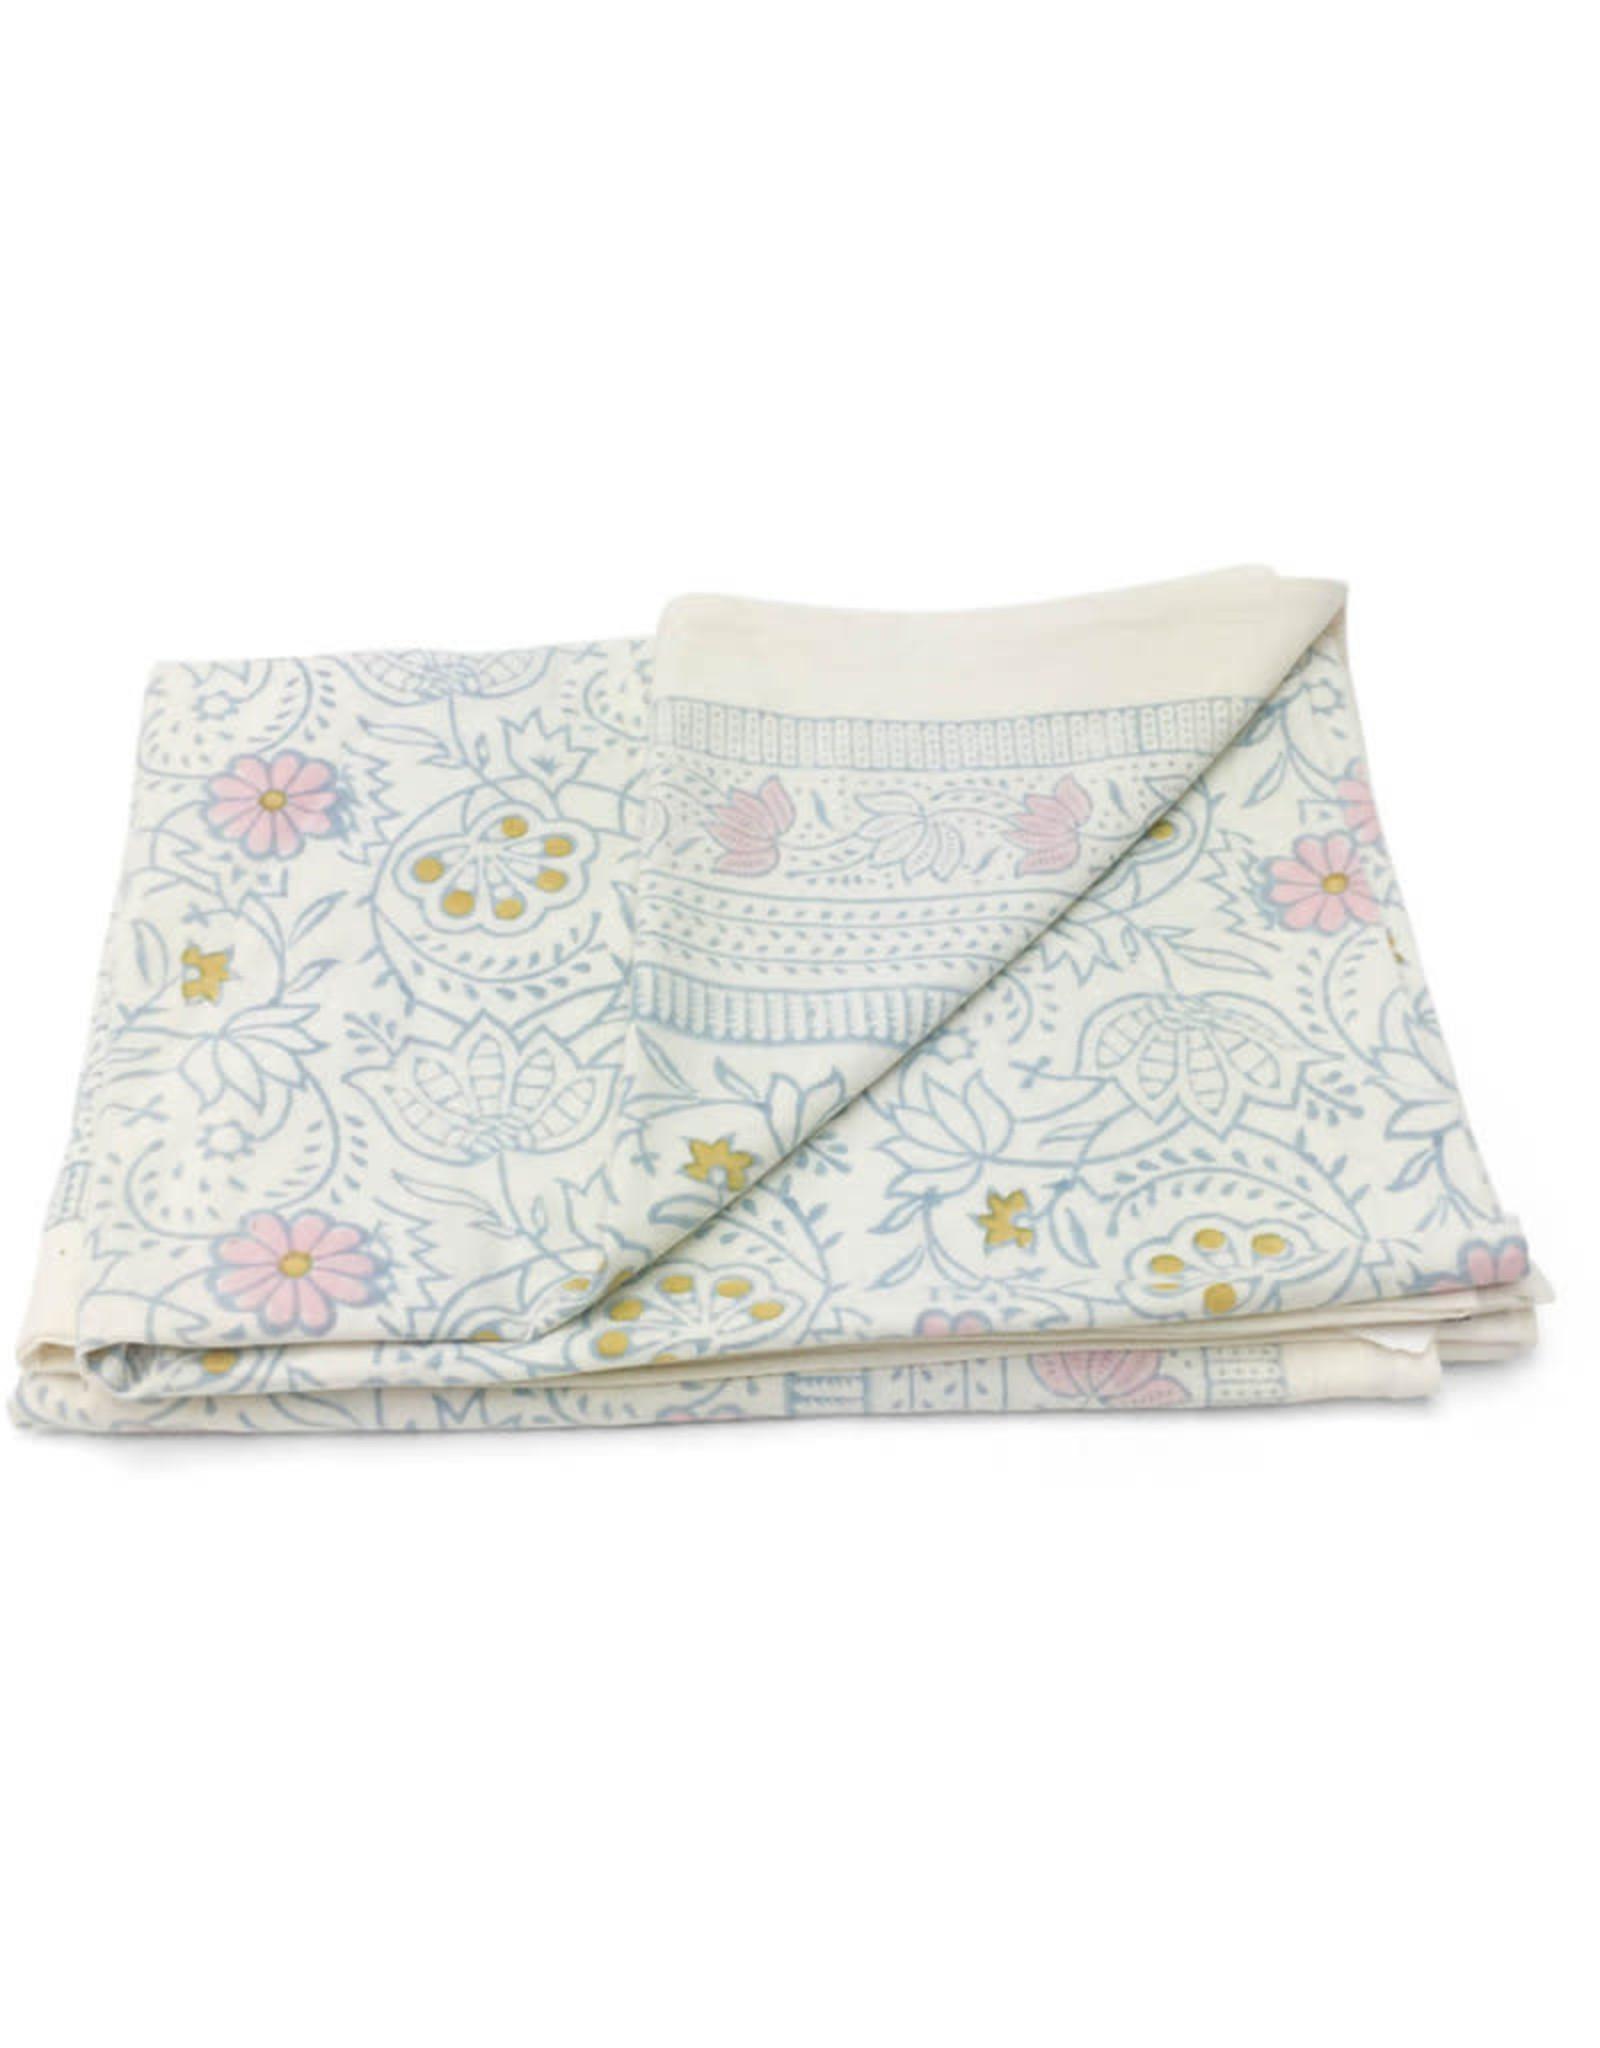 Asha Handicrafts Pastel Floral Tablecloth